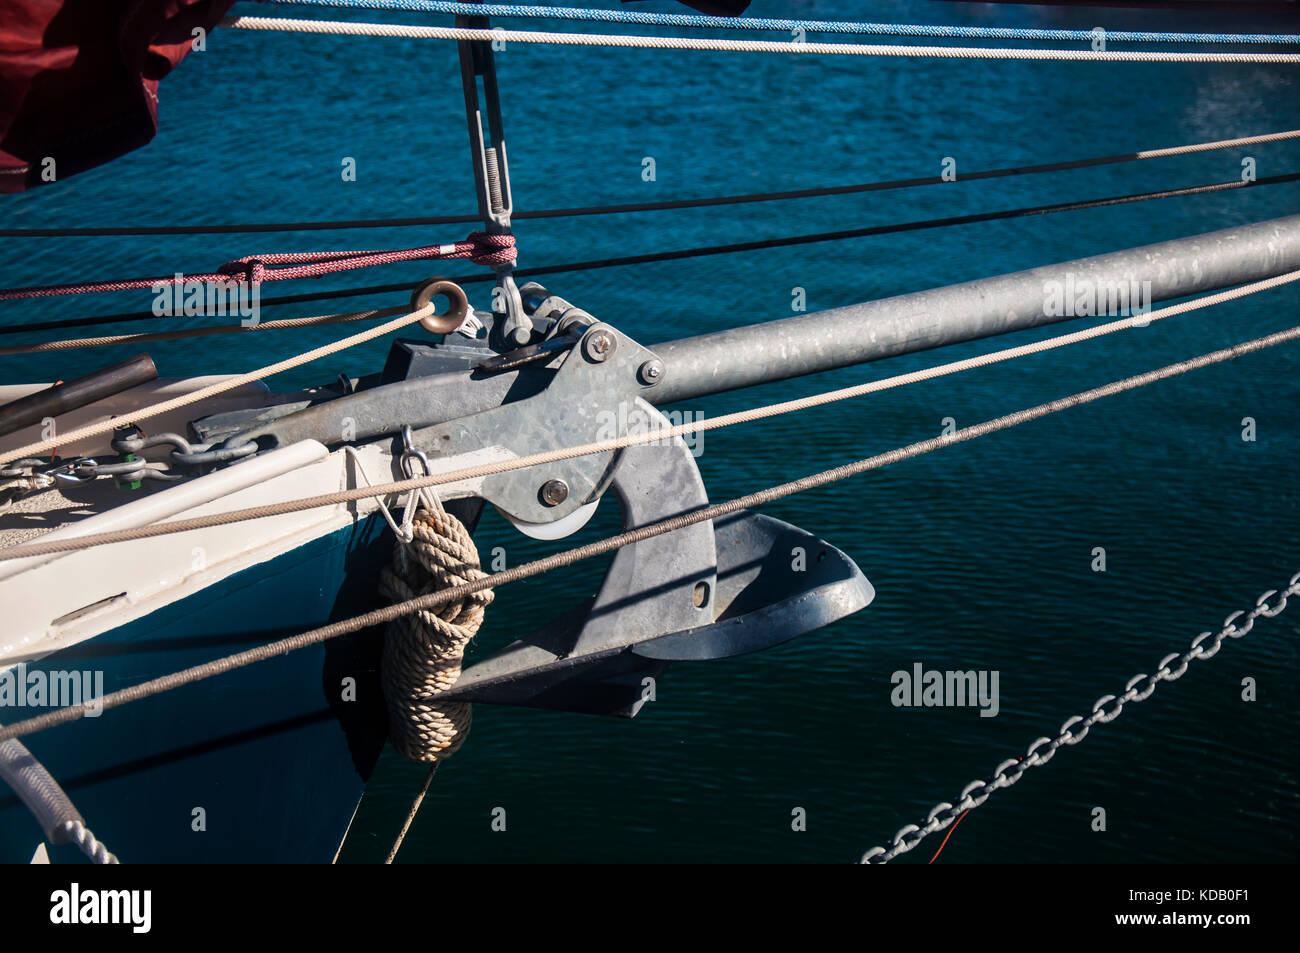 Proue du bateau à voile traditionnel. Photo Stock